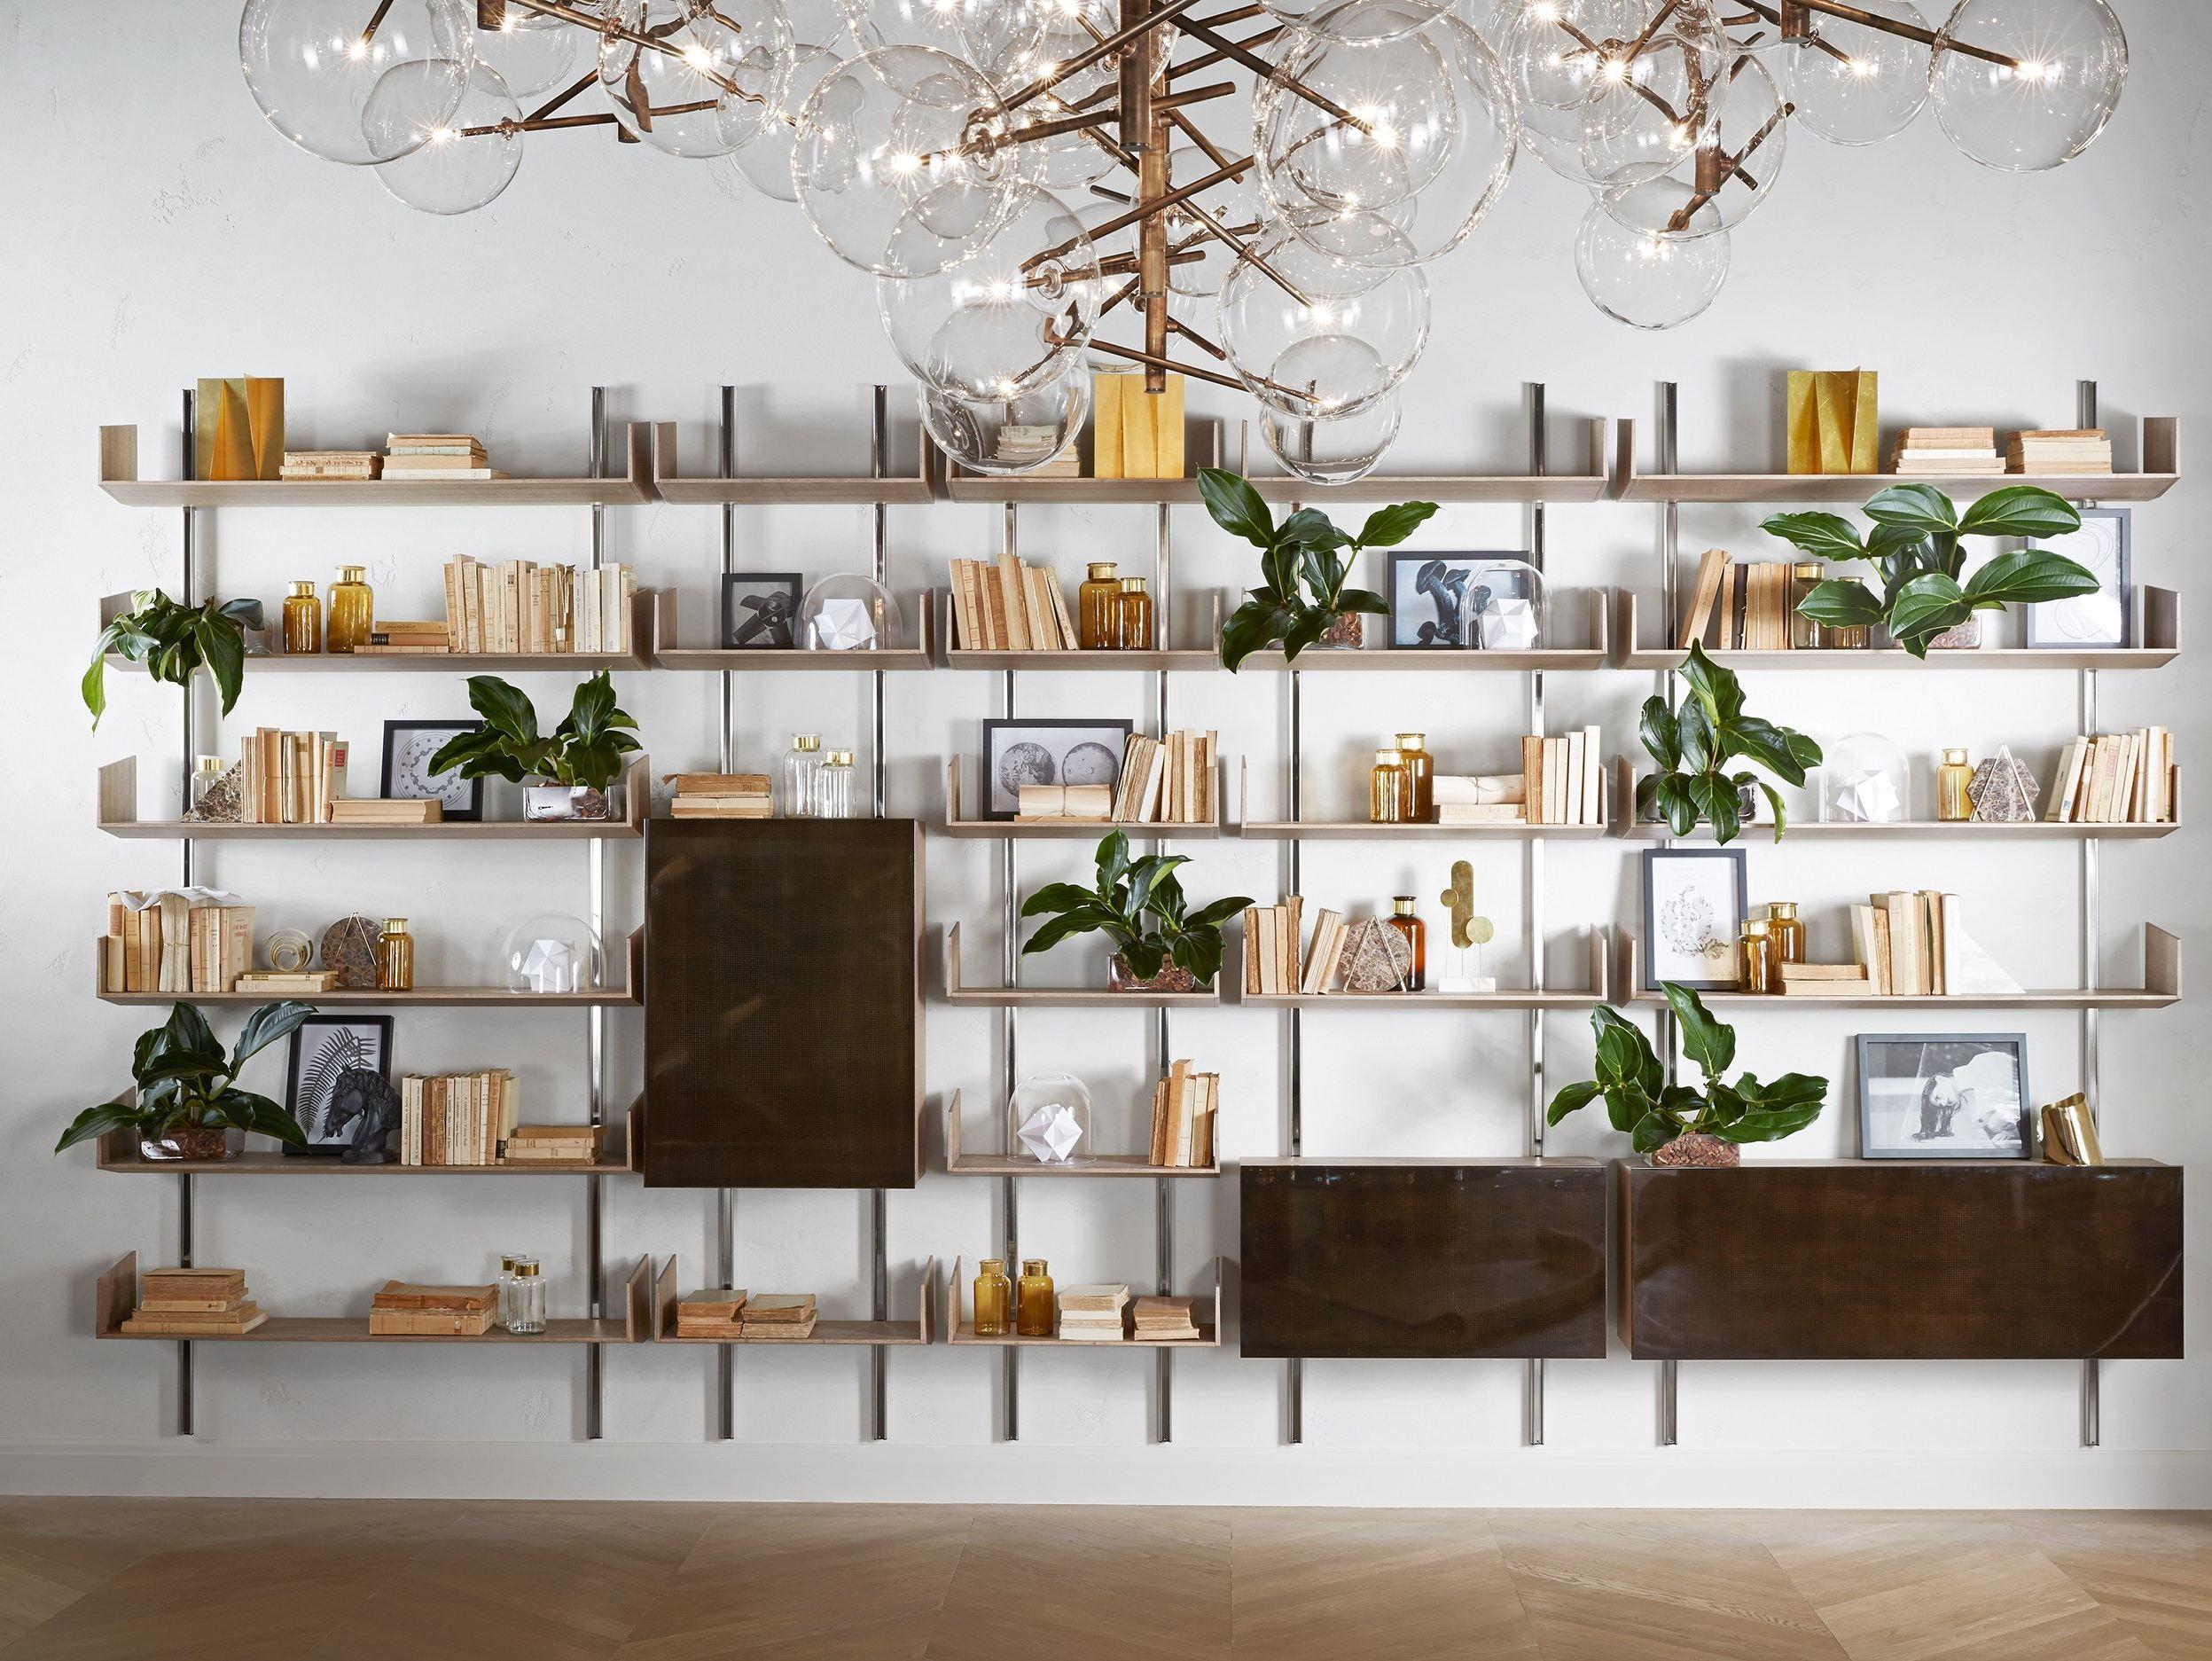 Libreria a parete modulare in legno brera by gallotti for Libreria a parete